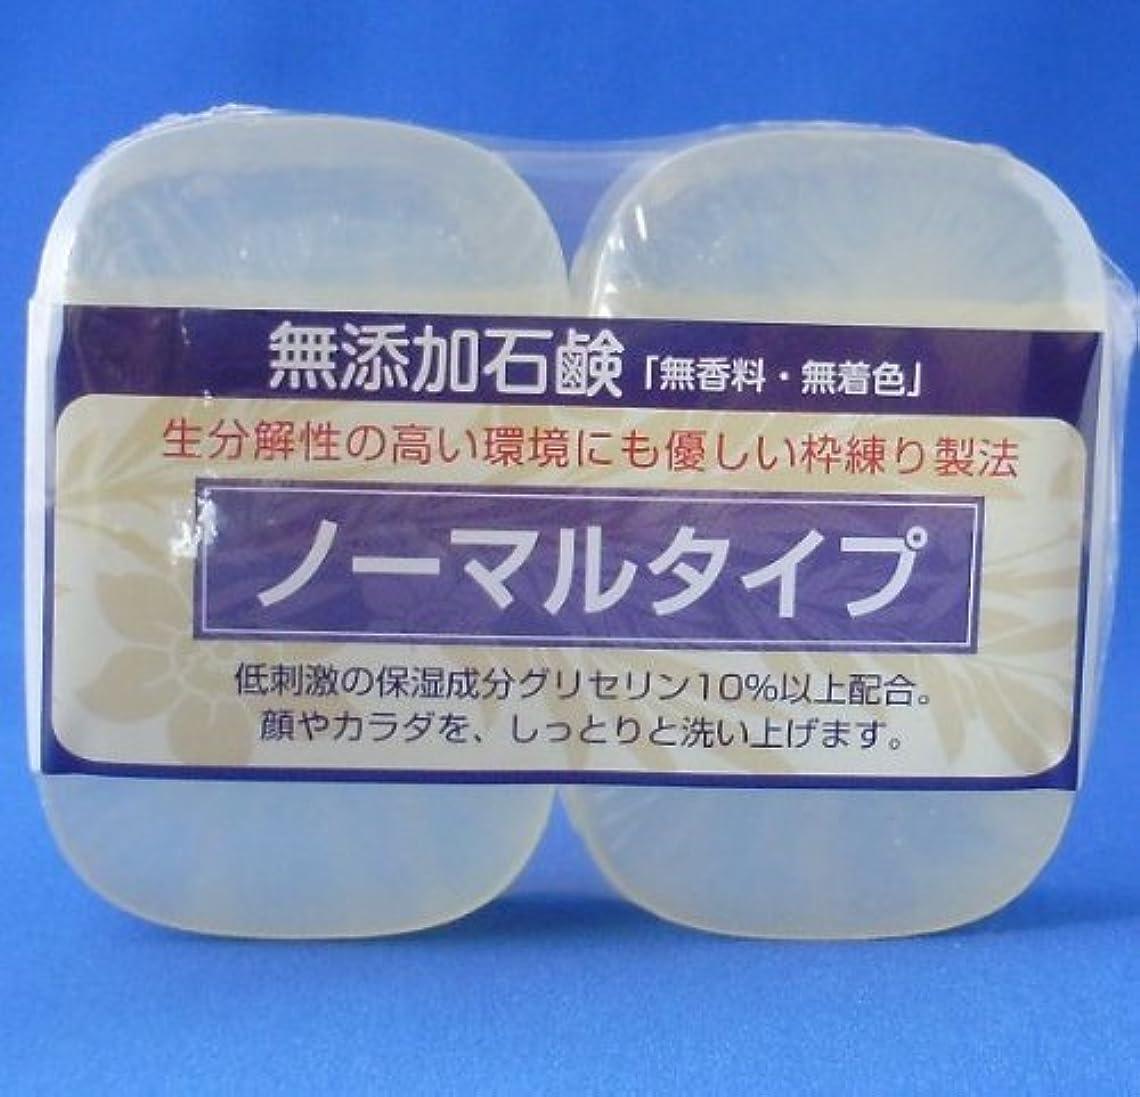 スクラブミスペンドばかげている無添加石鹸 ノーマルタイプ 90g×2個